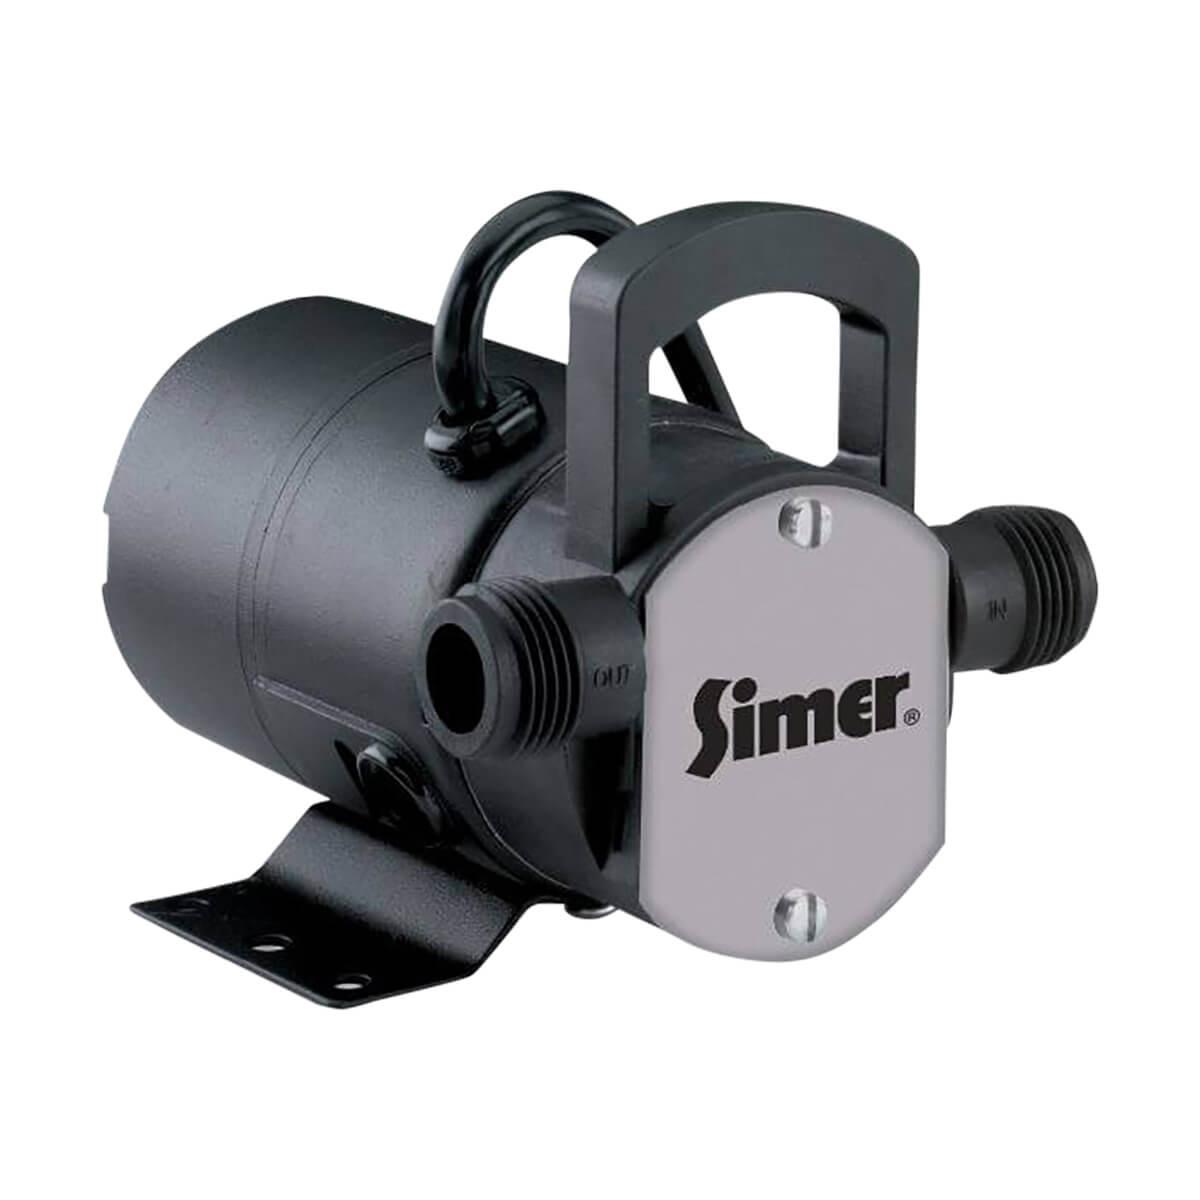 Simer 115V Mini-Vac Utility Pump